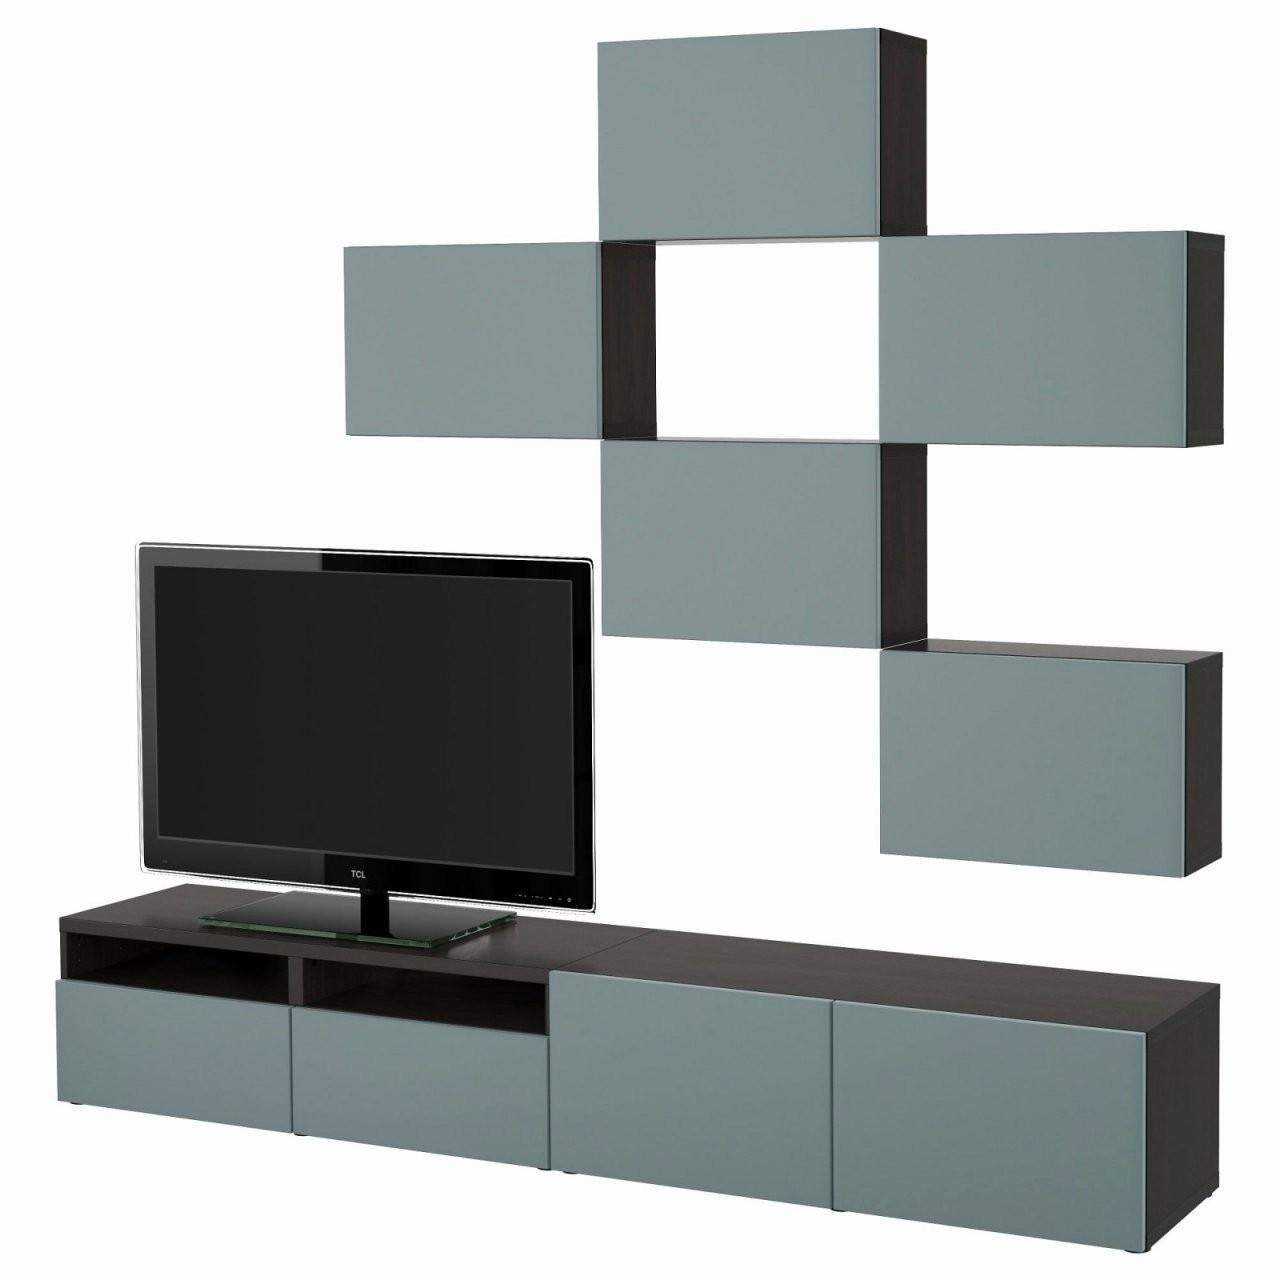 Hochglanz Tv Mobel Chic 34 Luxus Von Tv Schrank Ecke Planen von Tv Schrank Für Ecke Bild